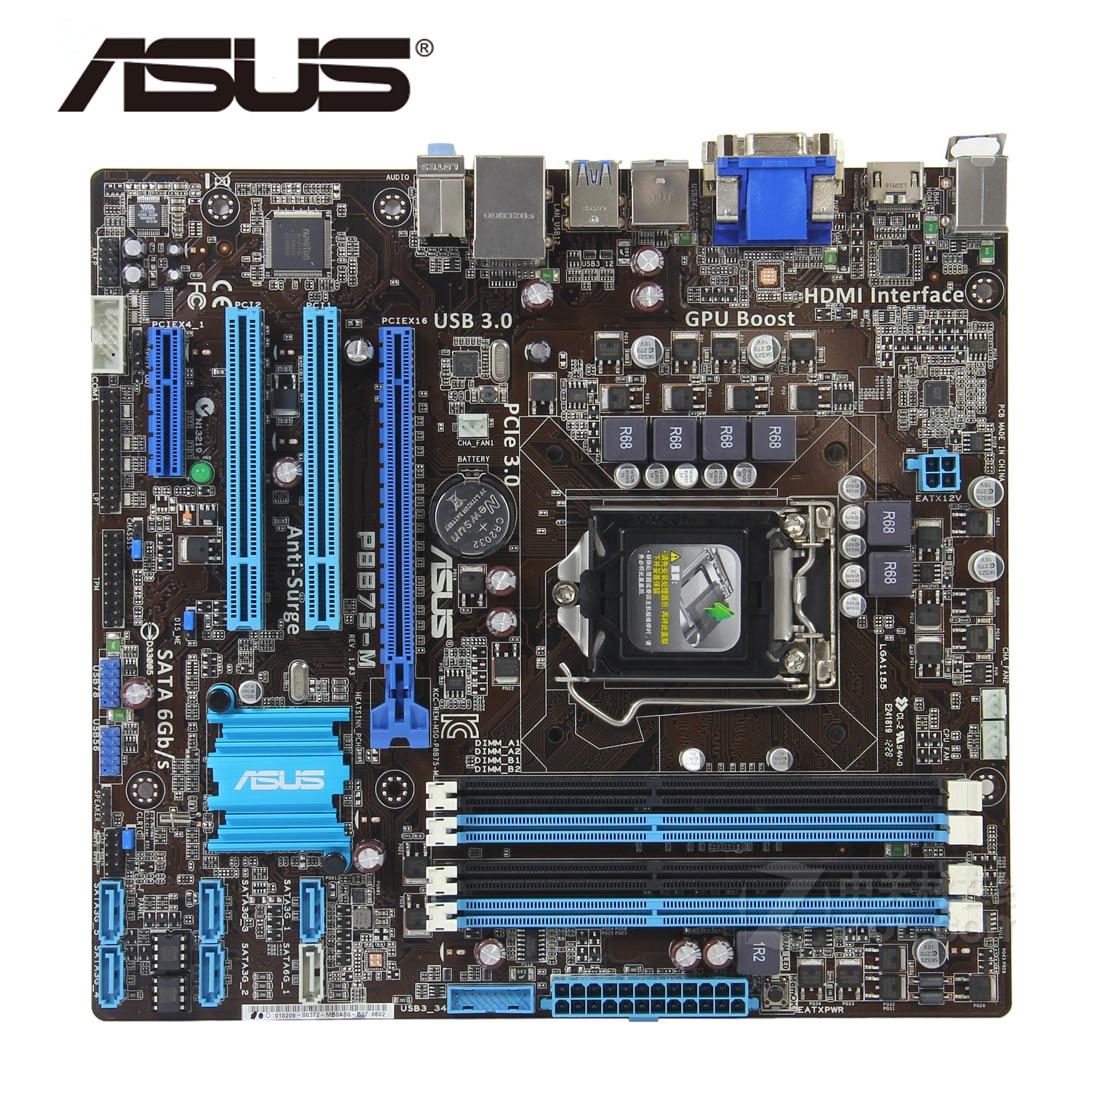 LGA 1155 For Intel B75 Original ASUS P8B75 M Motherboard Socket Micro ATX SATA III 4 x DDR3 32GB P8B75M/CSM P8B75 M/CSM Used